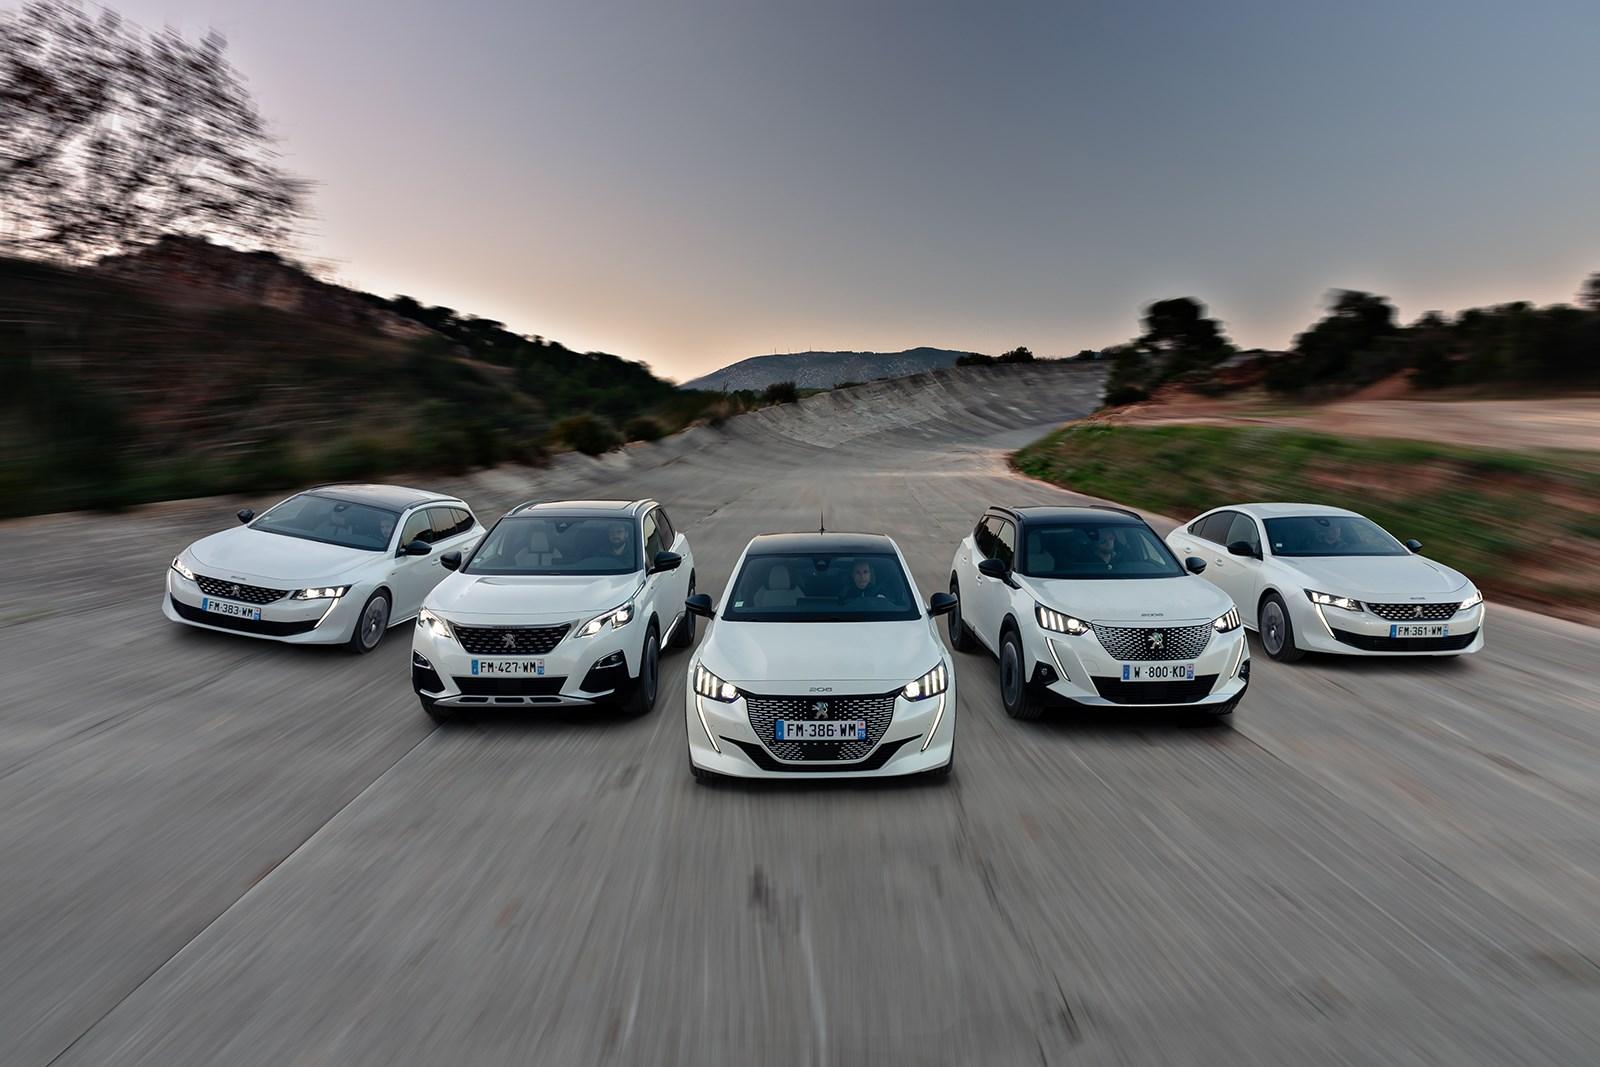 世界で4番目に大きな自動車メーカー「ステランティス」が誕生